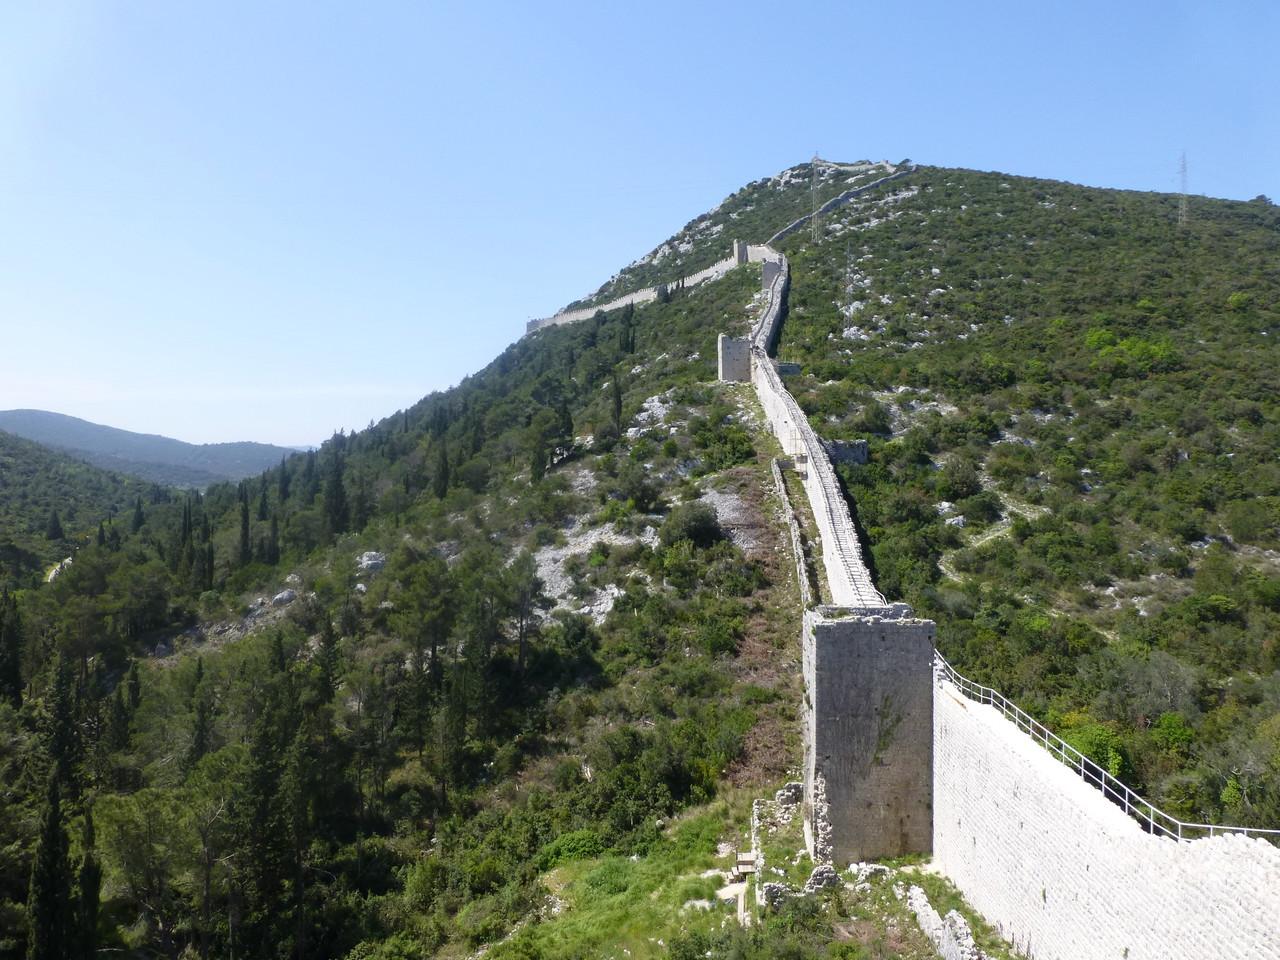 Ston die längste Befestigung Europas